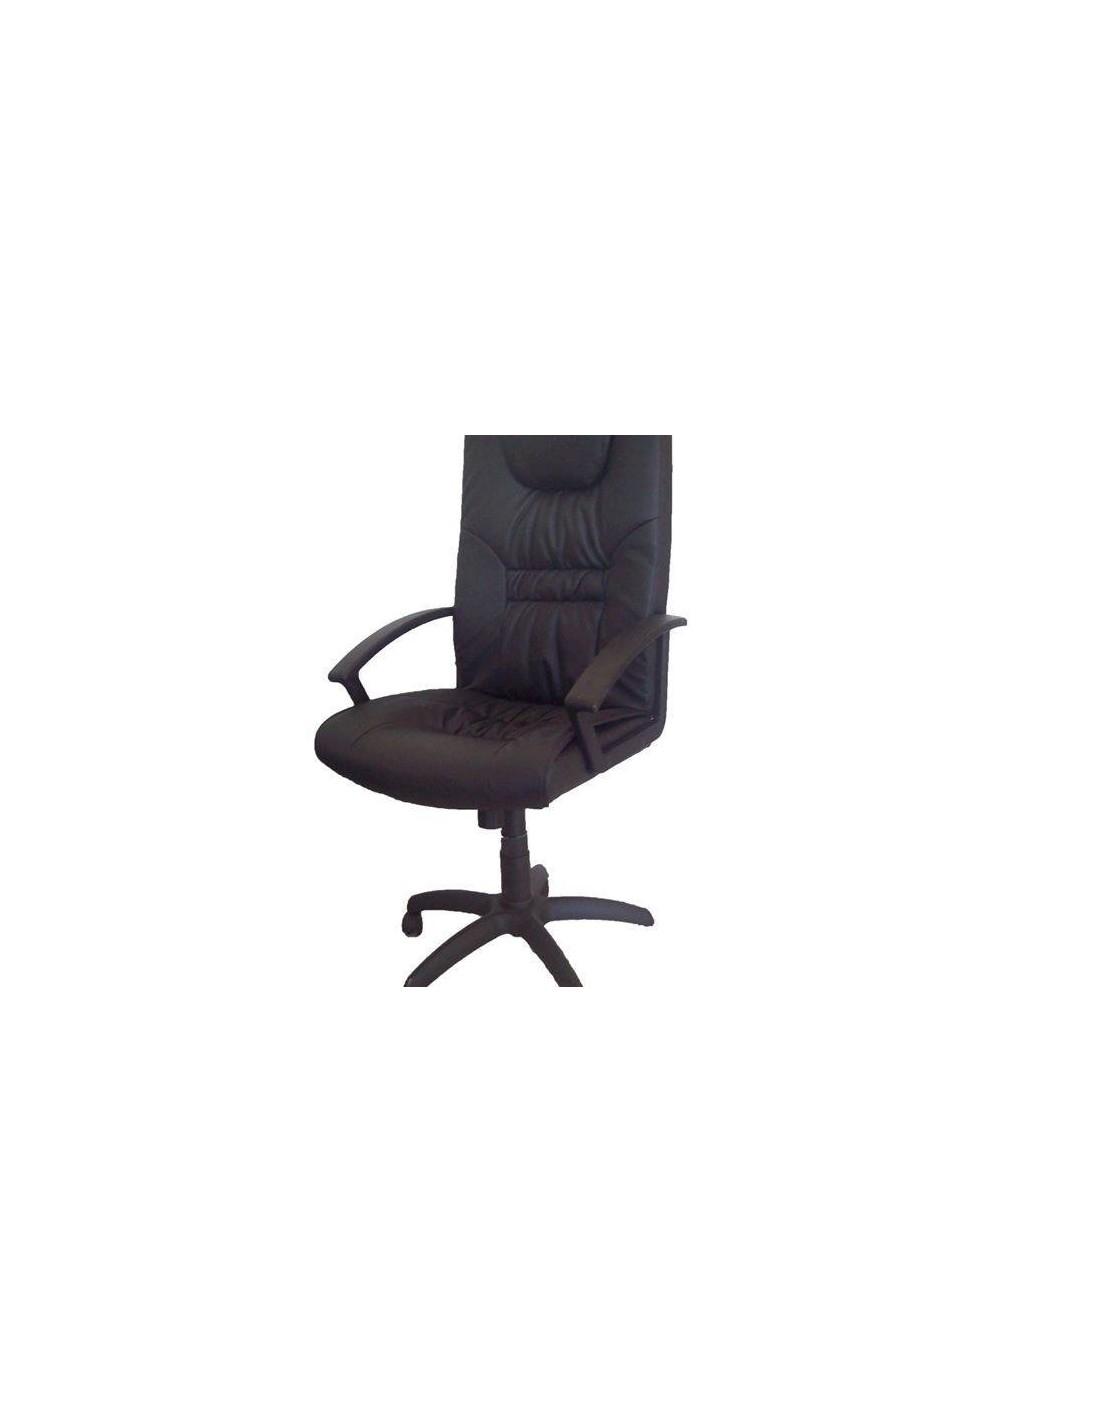 prix fauteuil haut de gamme design de bureau fly pas cher en tunisie - Fly Chaise De Bureau